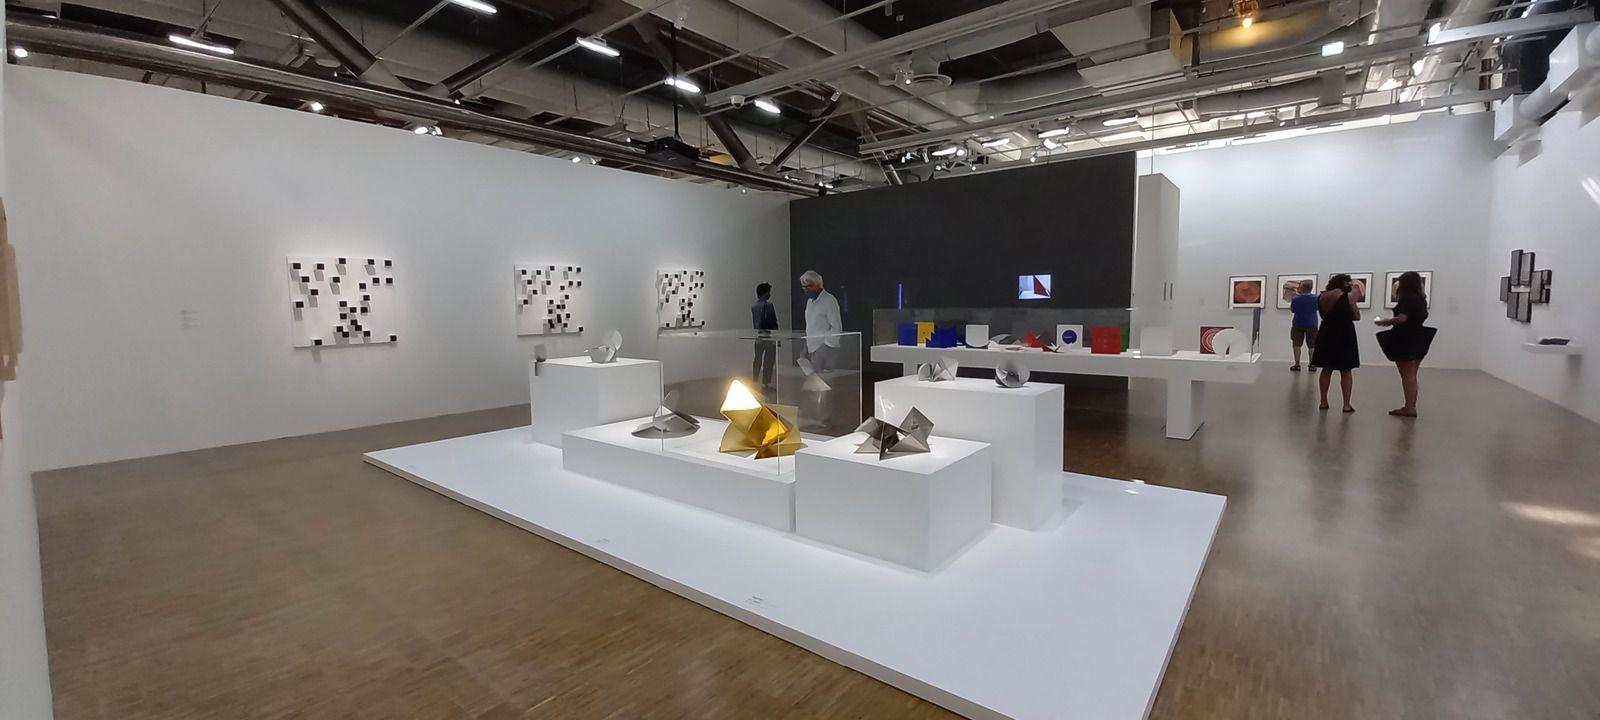 """Expo """"ELLES font l'ABSTRACTION"""" au centre POMPIDOU - 3ème partie"""